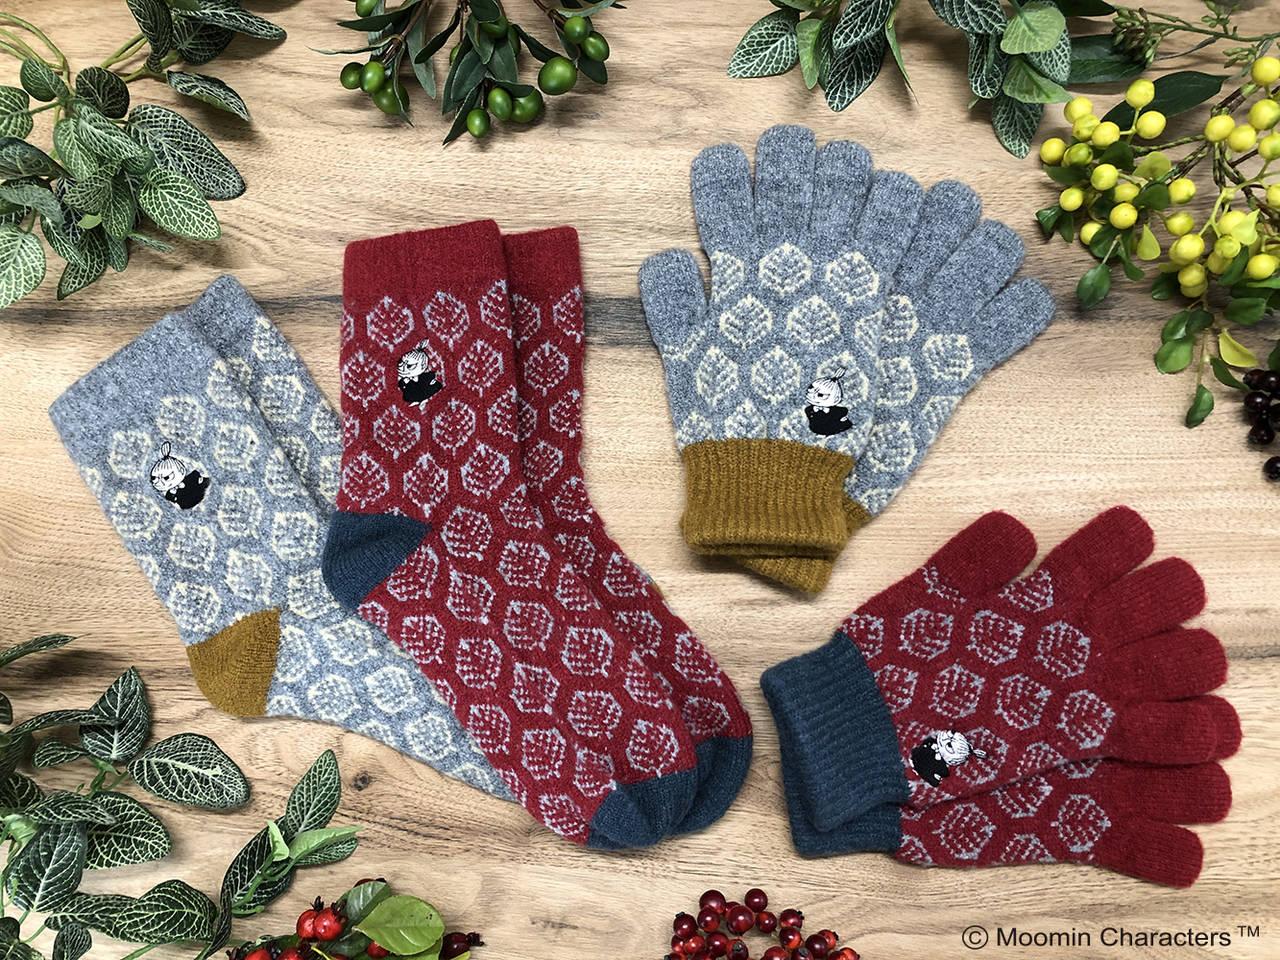 秋のシックな装いに♪ 『ムーミン』防寒アイテムが登場! 手袋やソックス、ベレー帽など